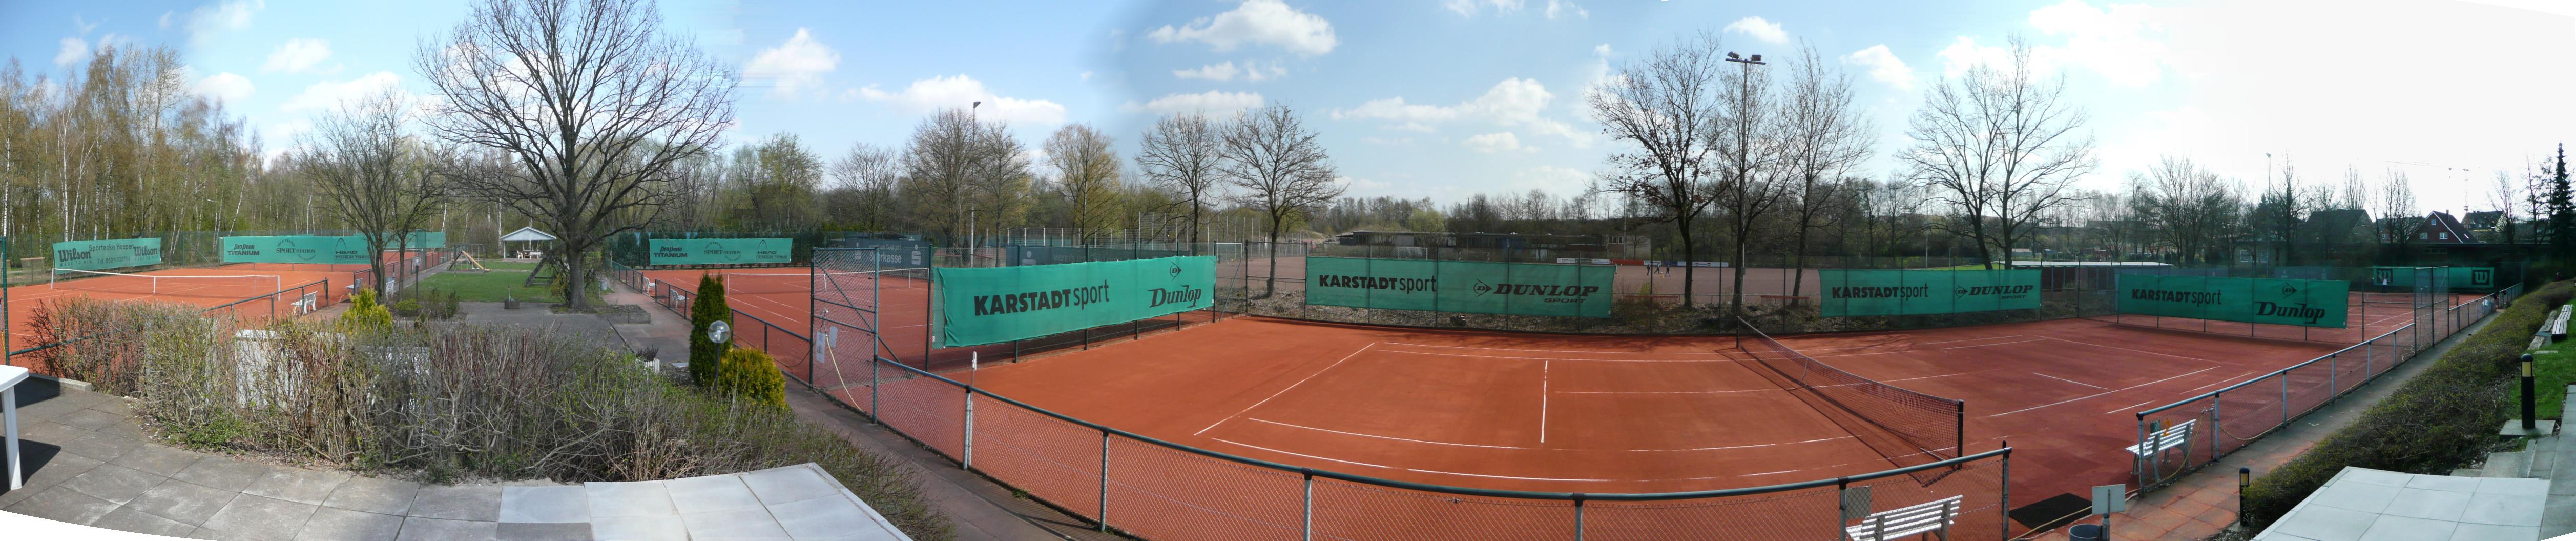 Panoramaansicht der Plätze 1-4